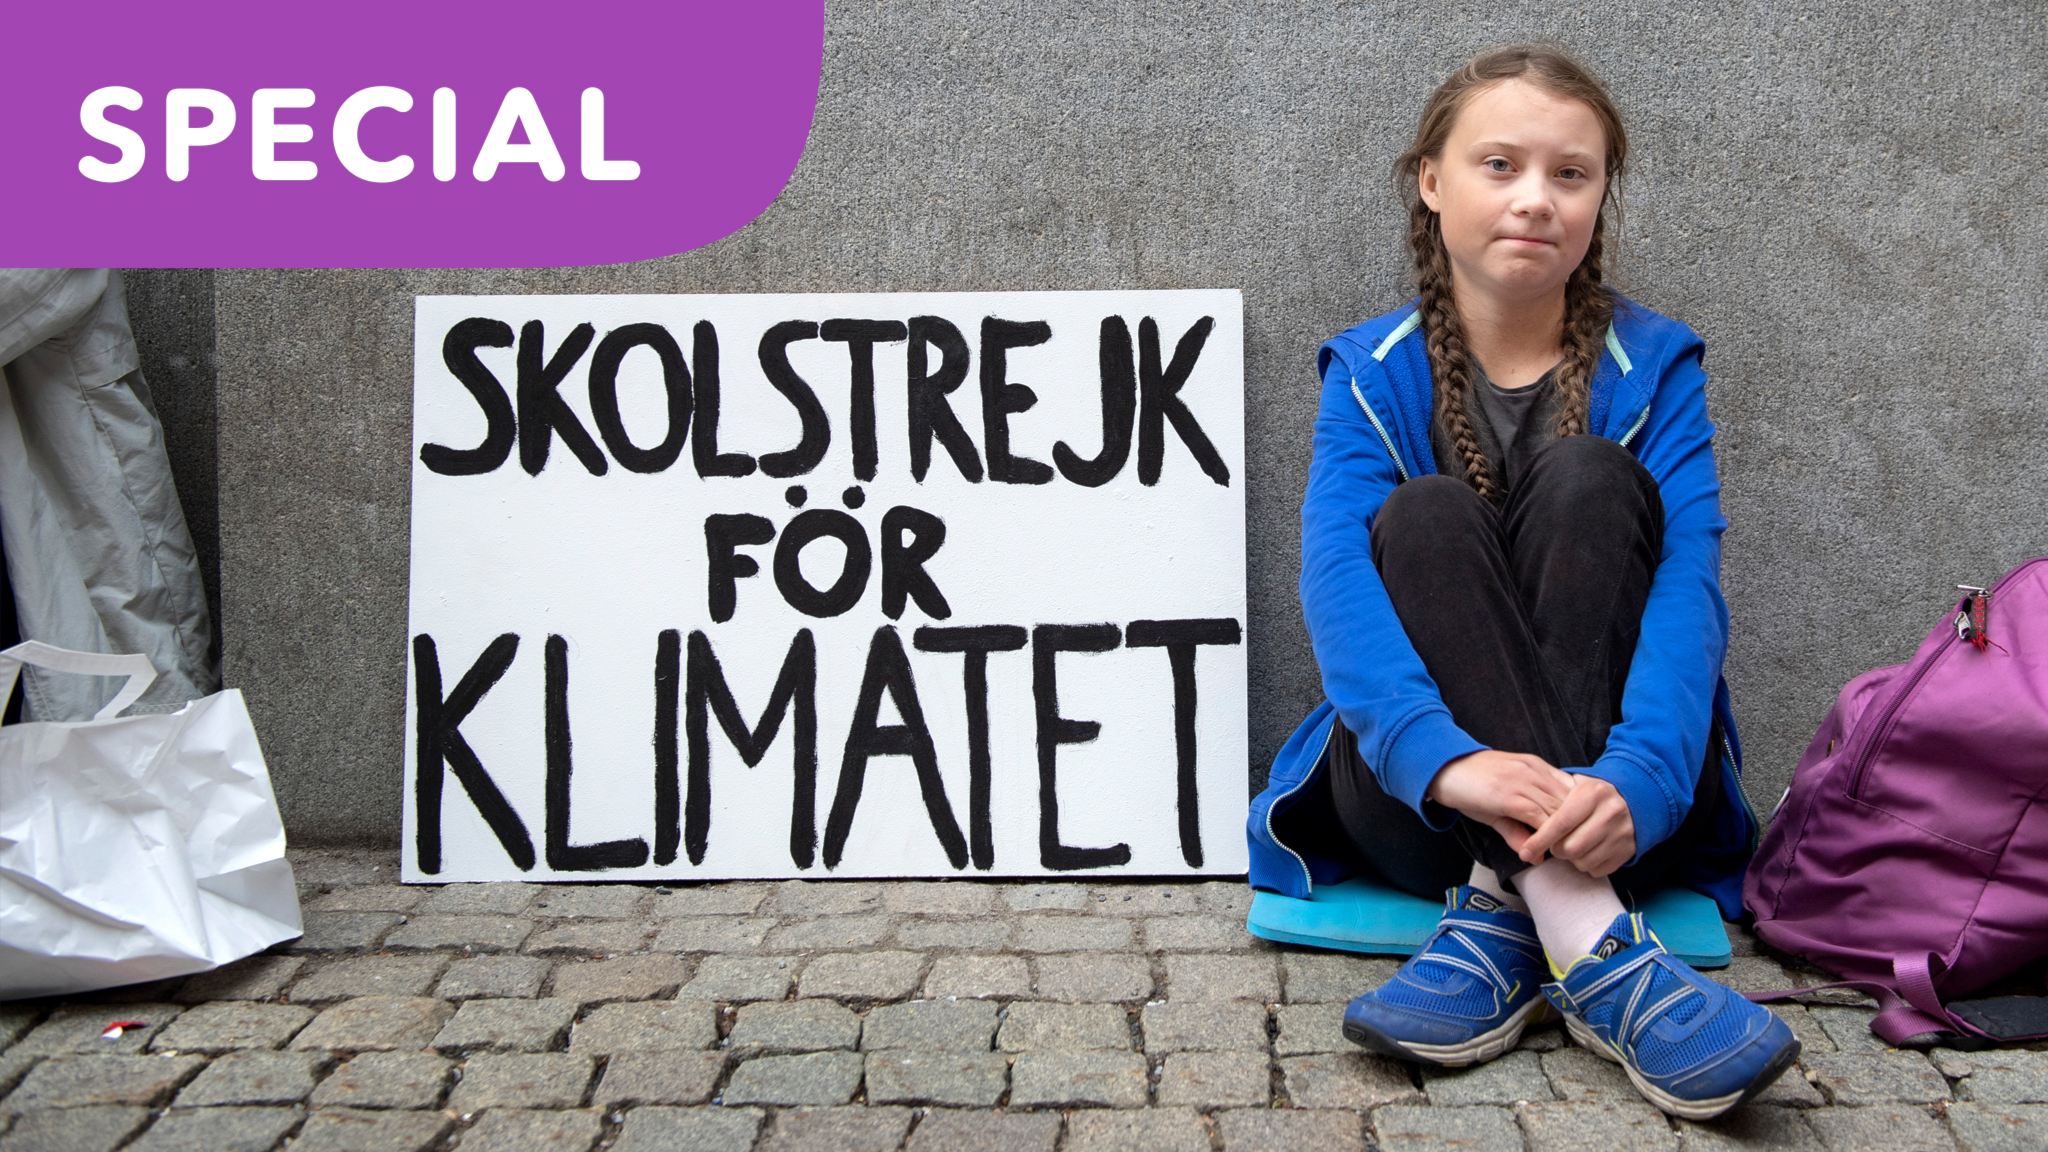 SPECIAL: Greta Thunberg – Från en gnista till brinnande kamp